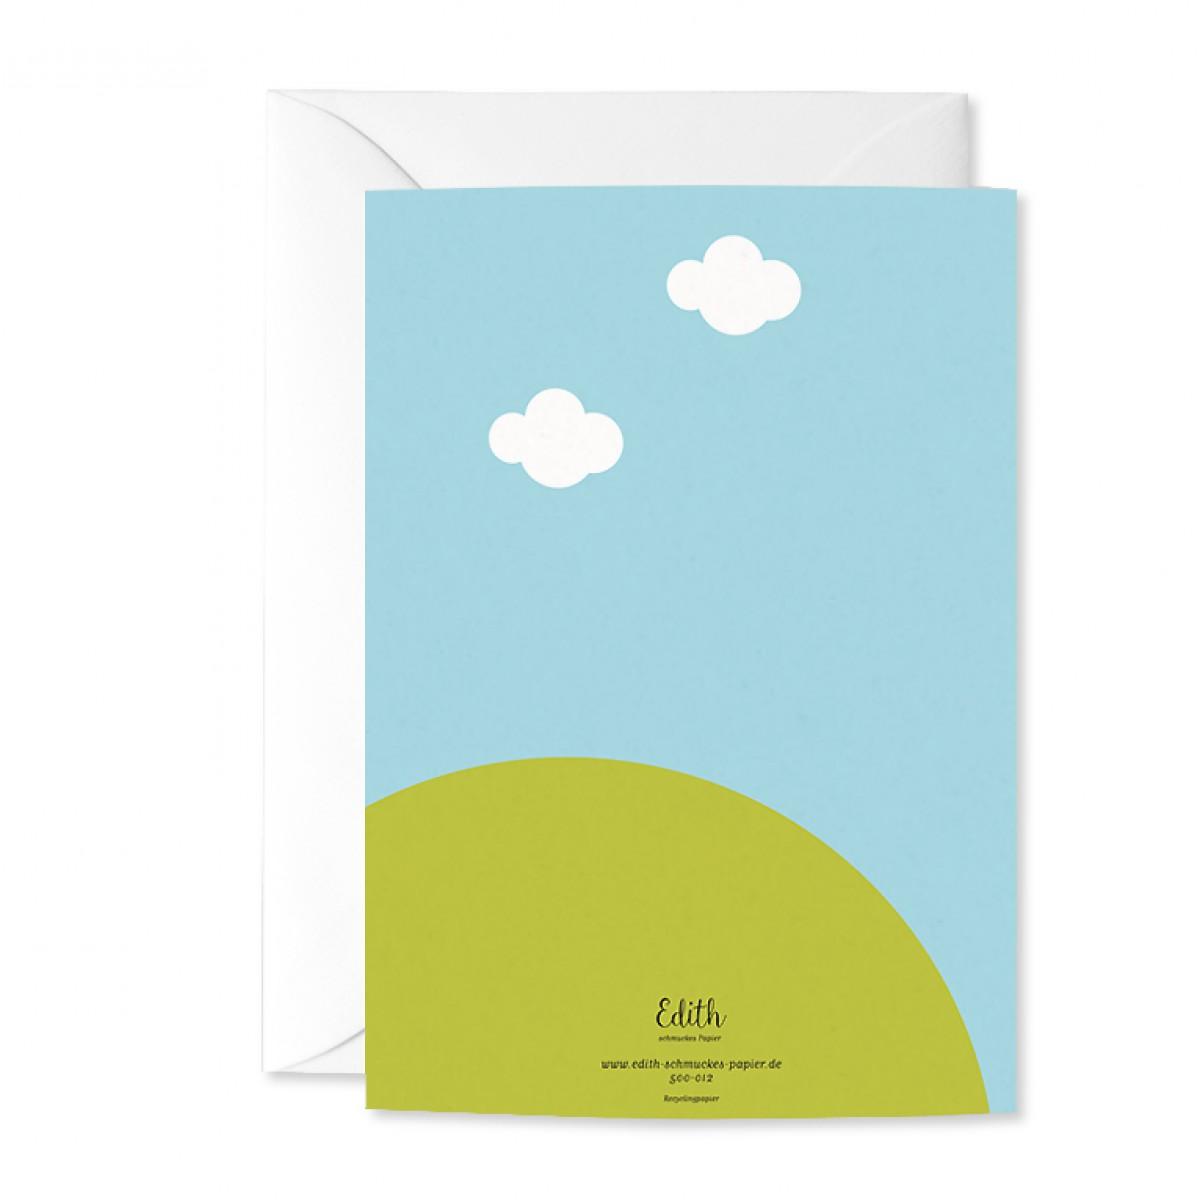 """Edith schmuckes papier """"Alpaka - Geschenk Set"""" 2 Bögen Geschenkpapier und 1 Grußkarte mit Briefumschlag"""